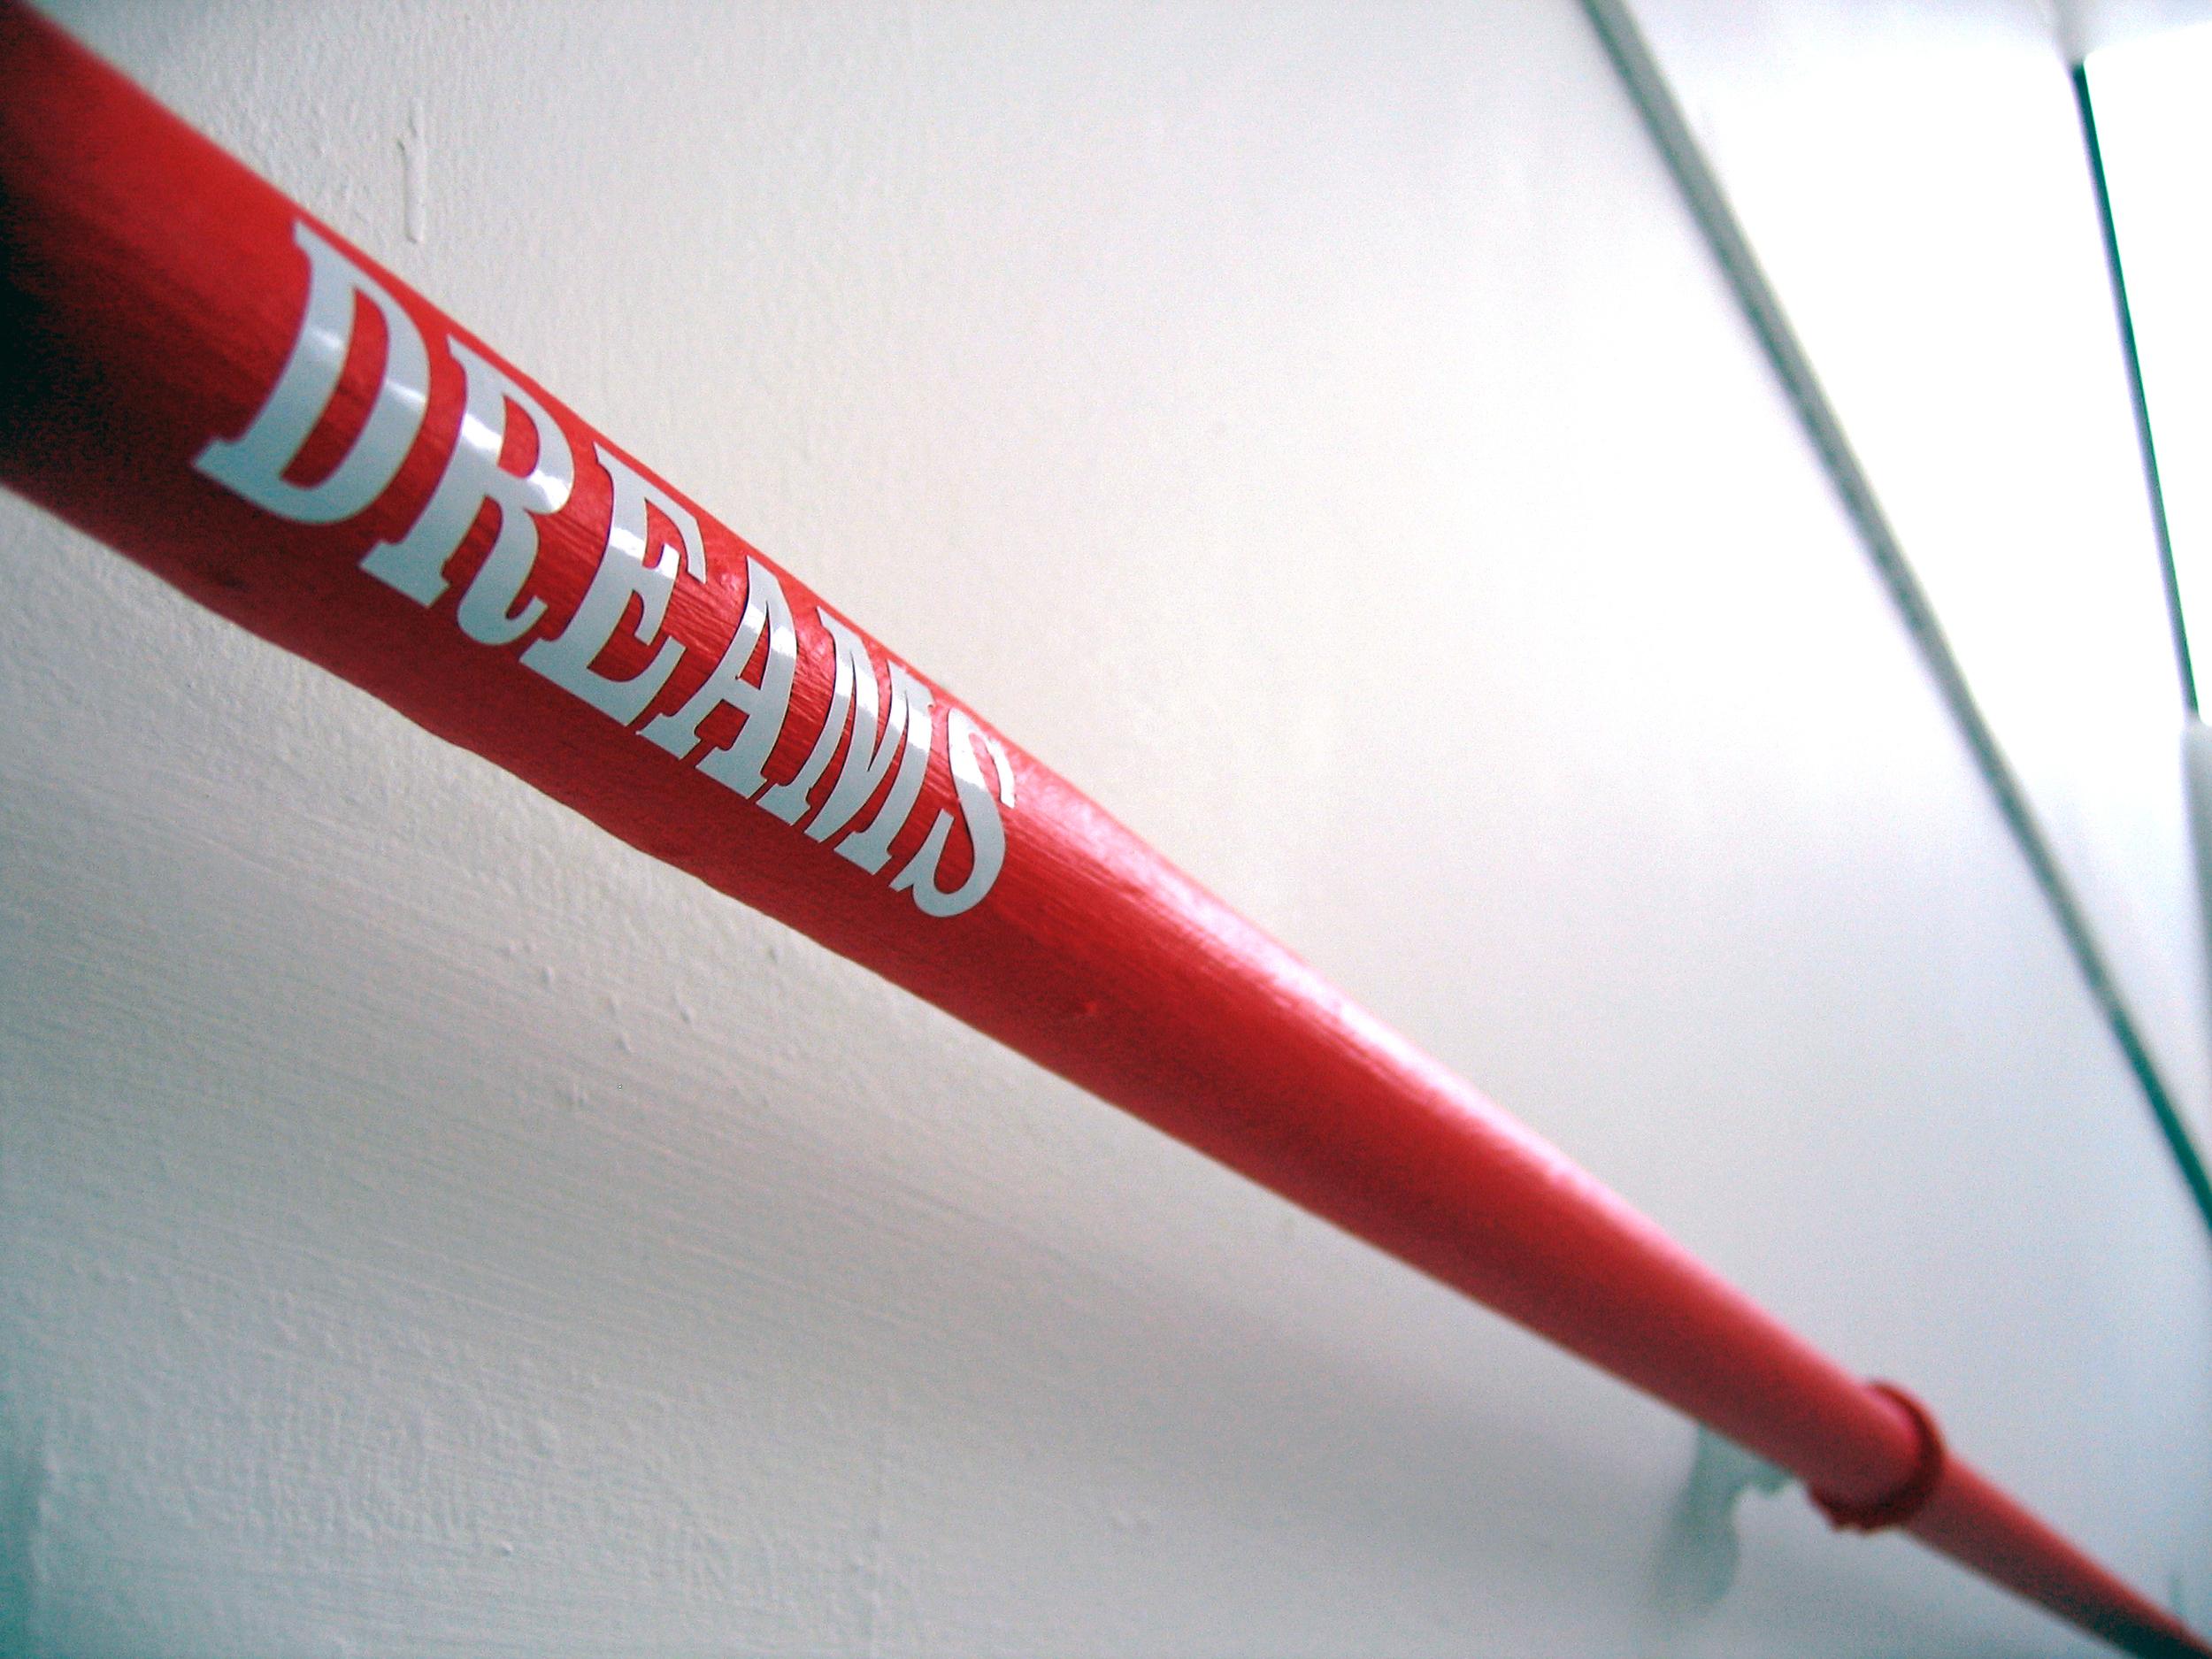 Pipe dreams image.jpg